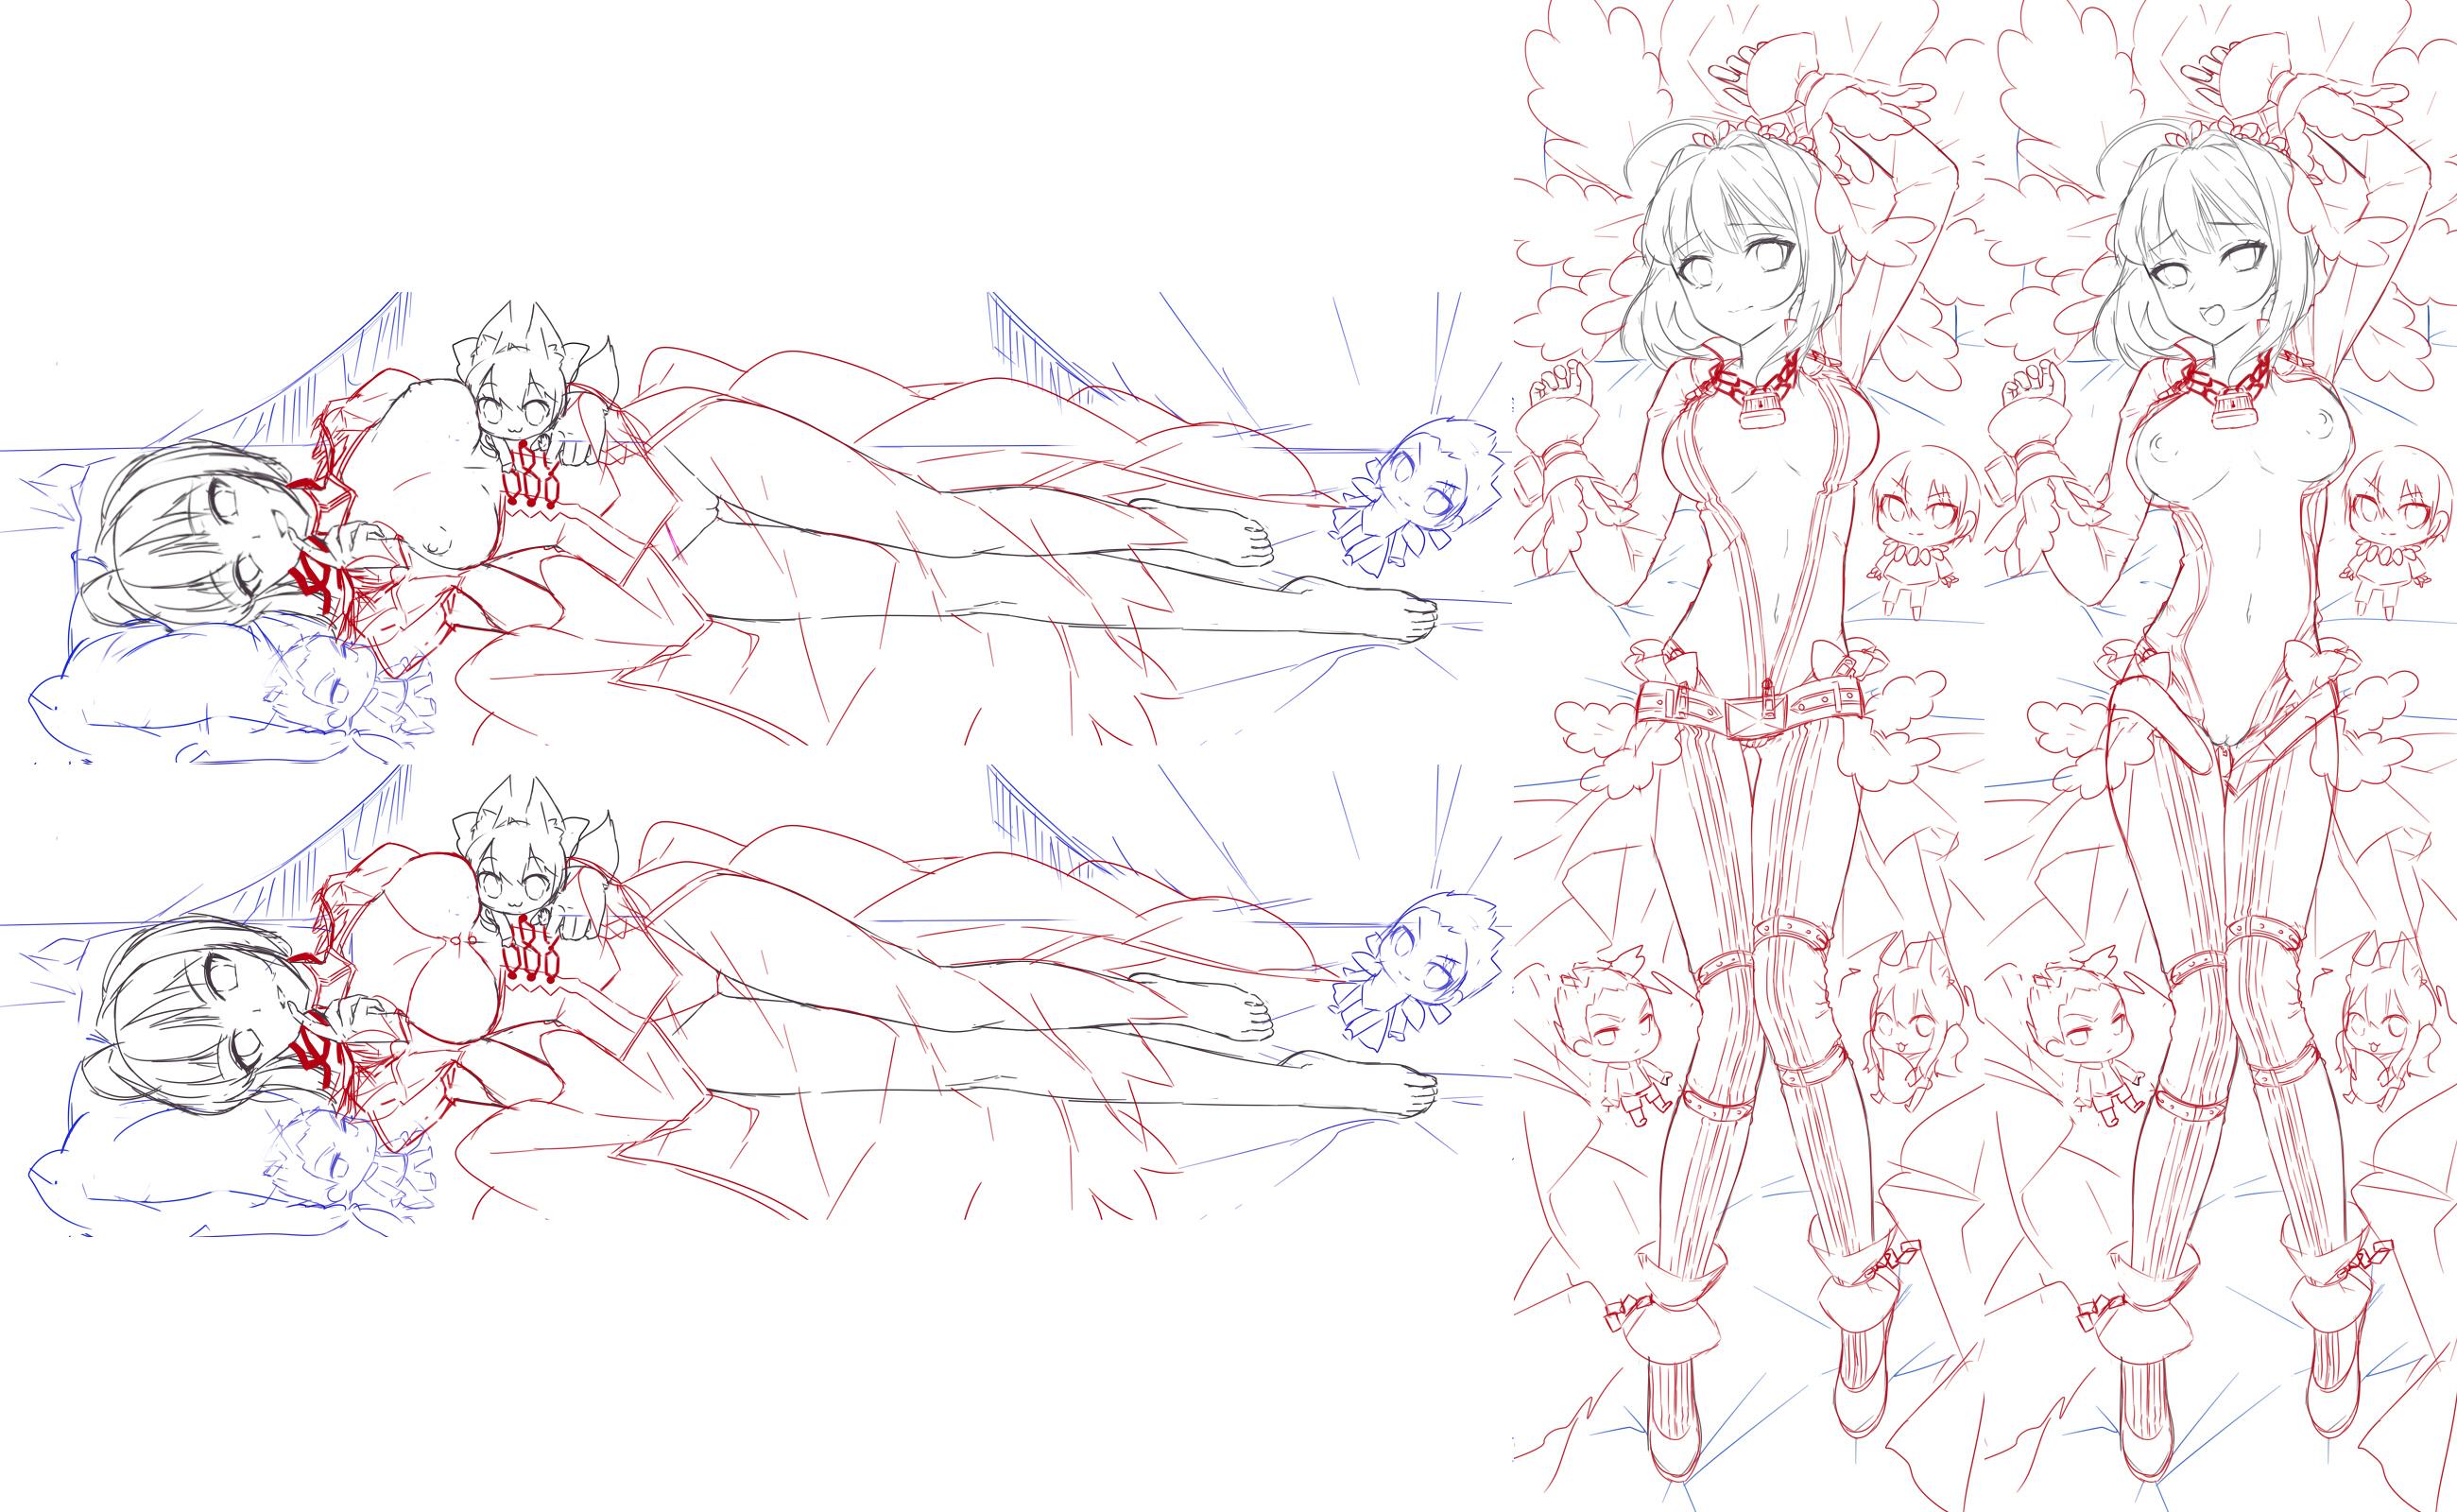 saber-sketch